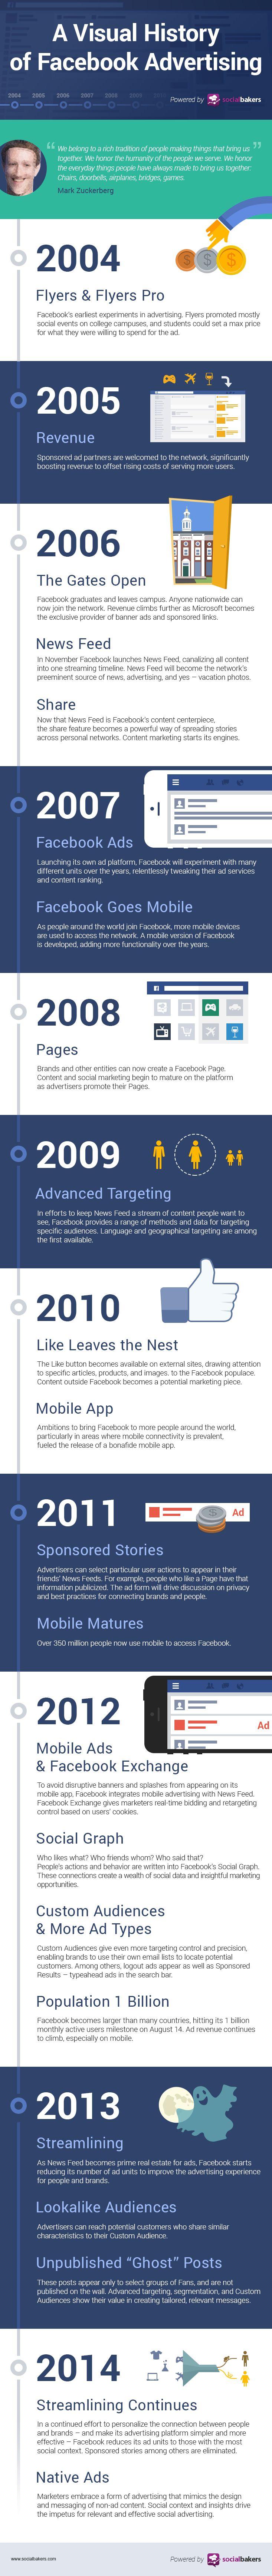 La historia visual del desarrollo de la #publicidad en #Facebook, por Socialbakers #SMCMX